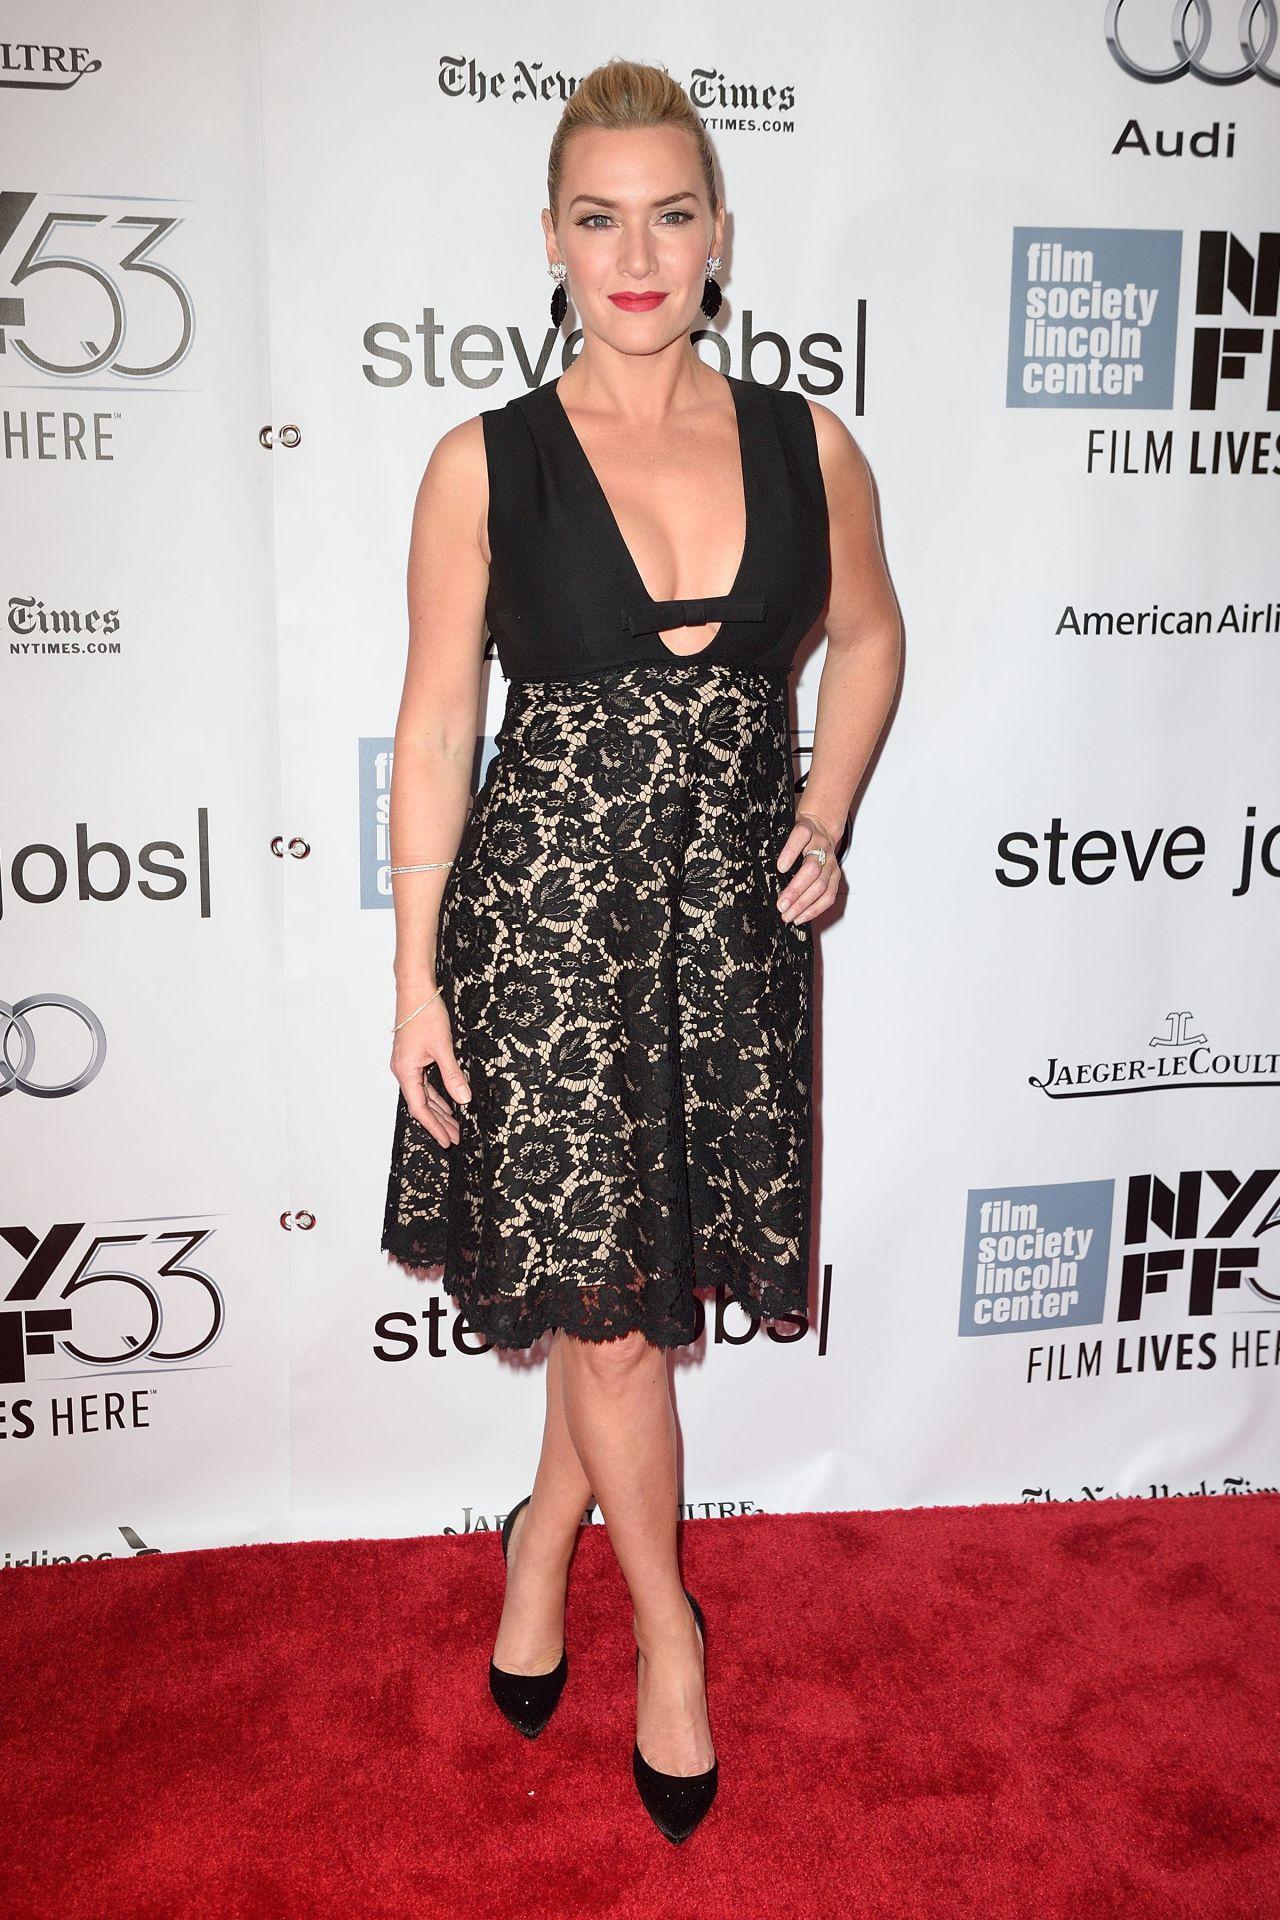 kate-winslet-steve-jobs-premiere-53rd-new-york-film-festival_4